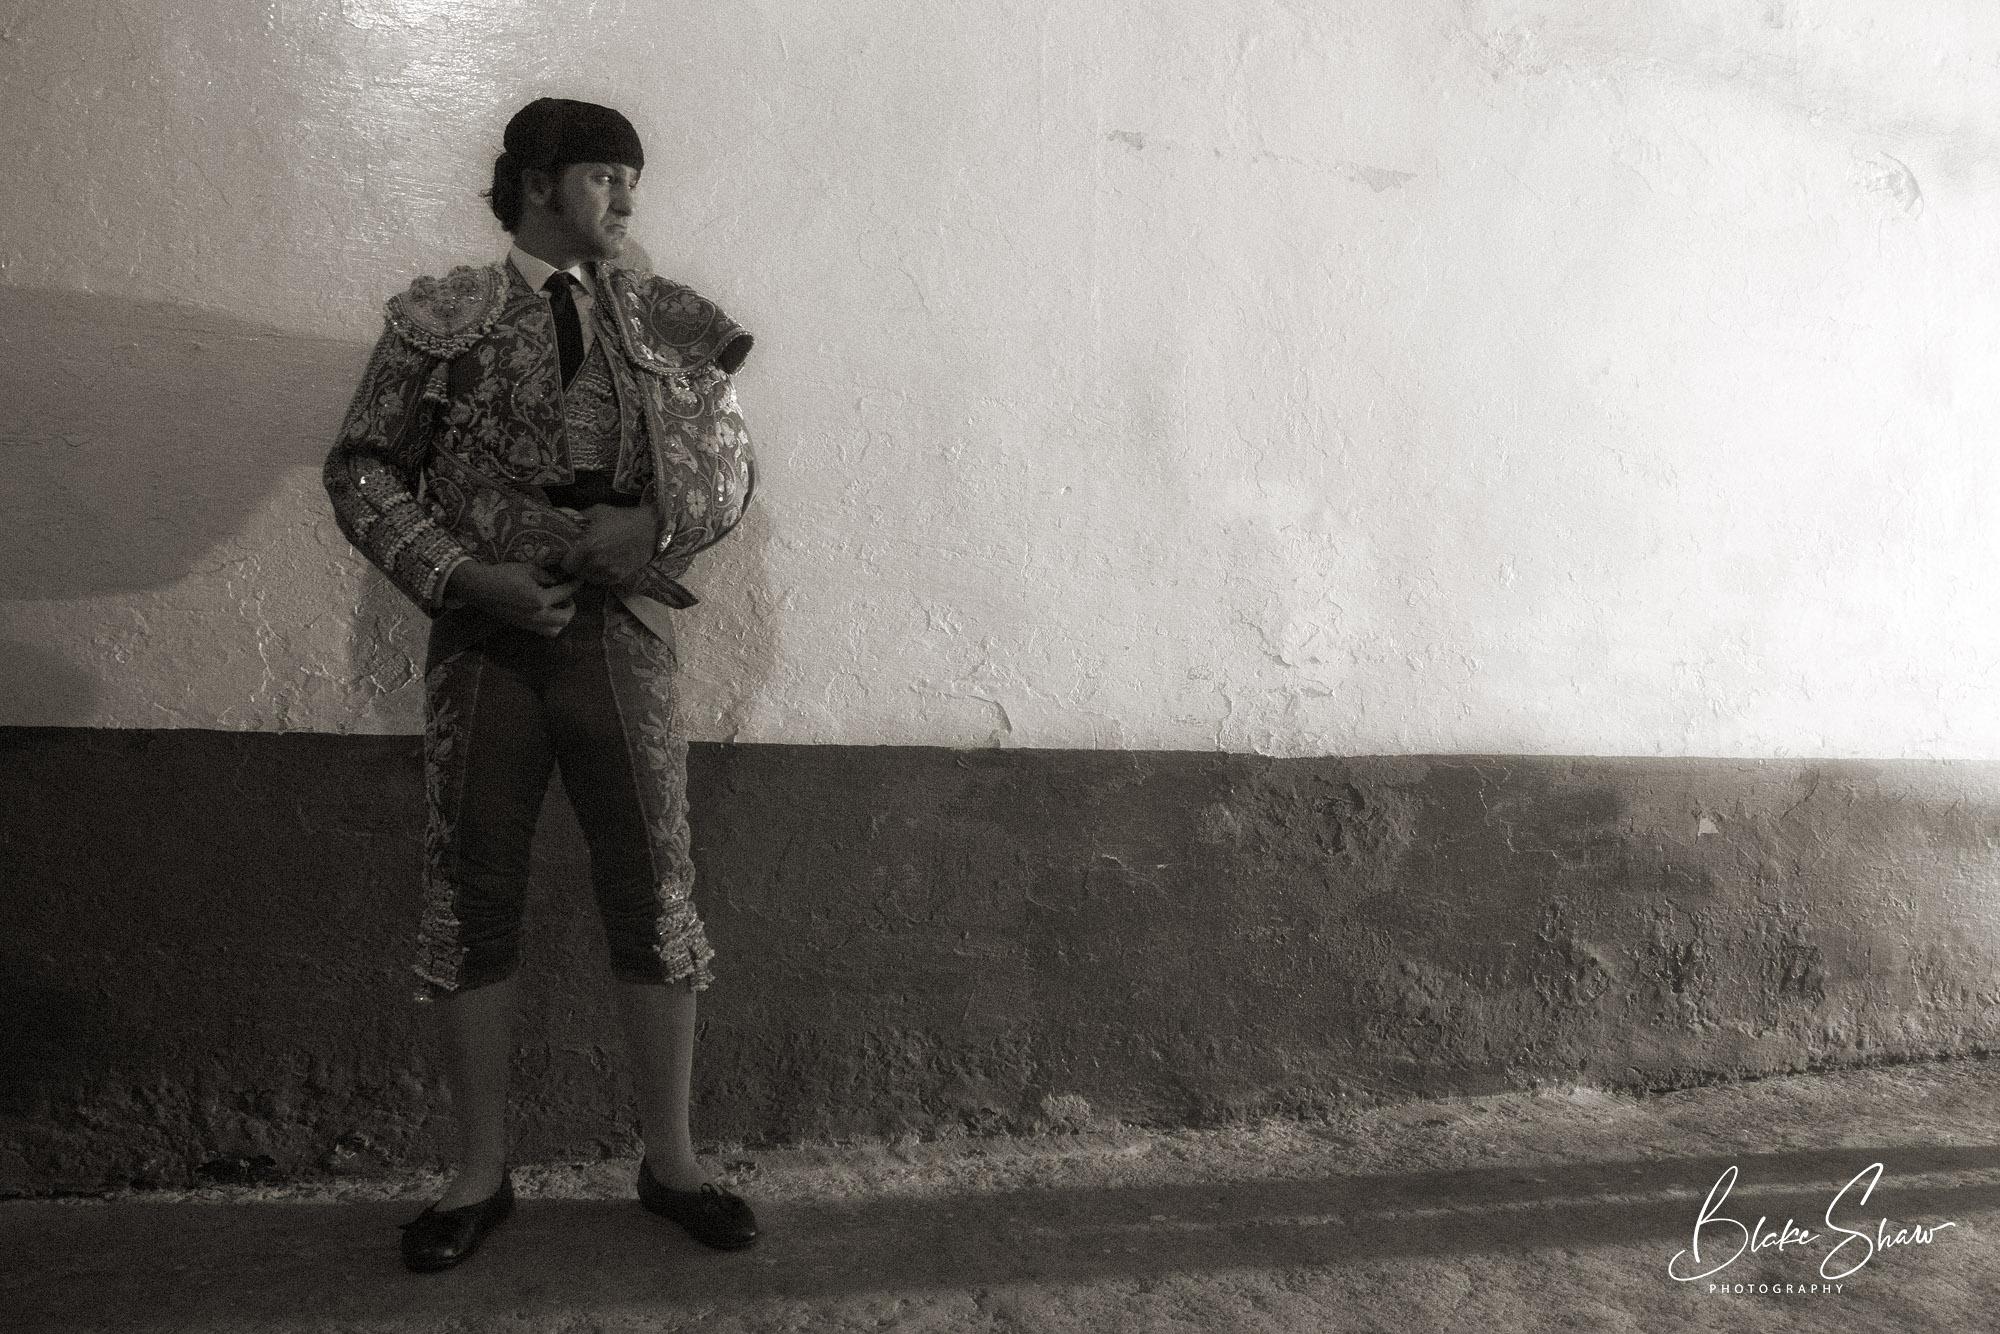 Una foto de Morante cada día - Página 7 6a00d8341d8a0653ef0240a4f35aba200b-pi